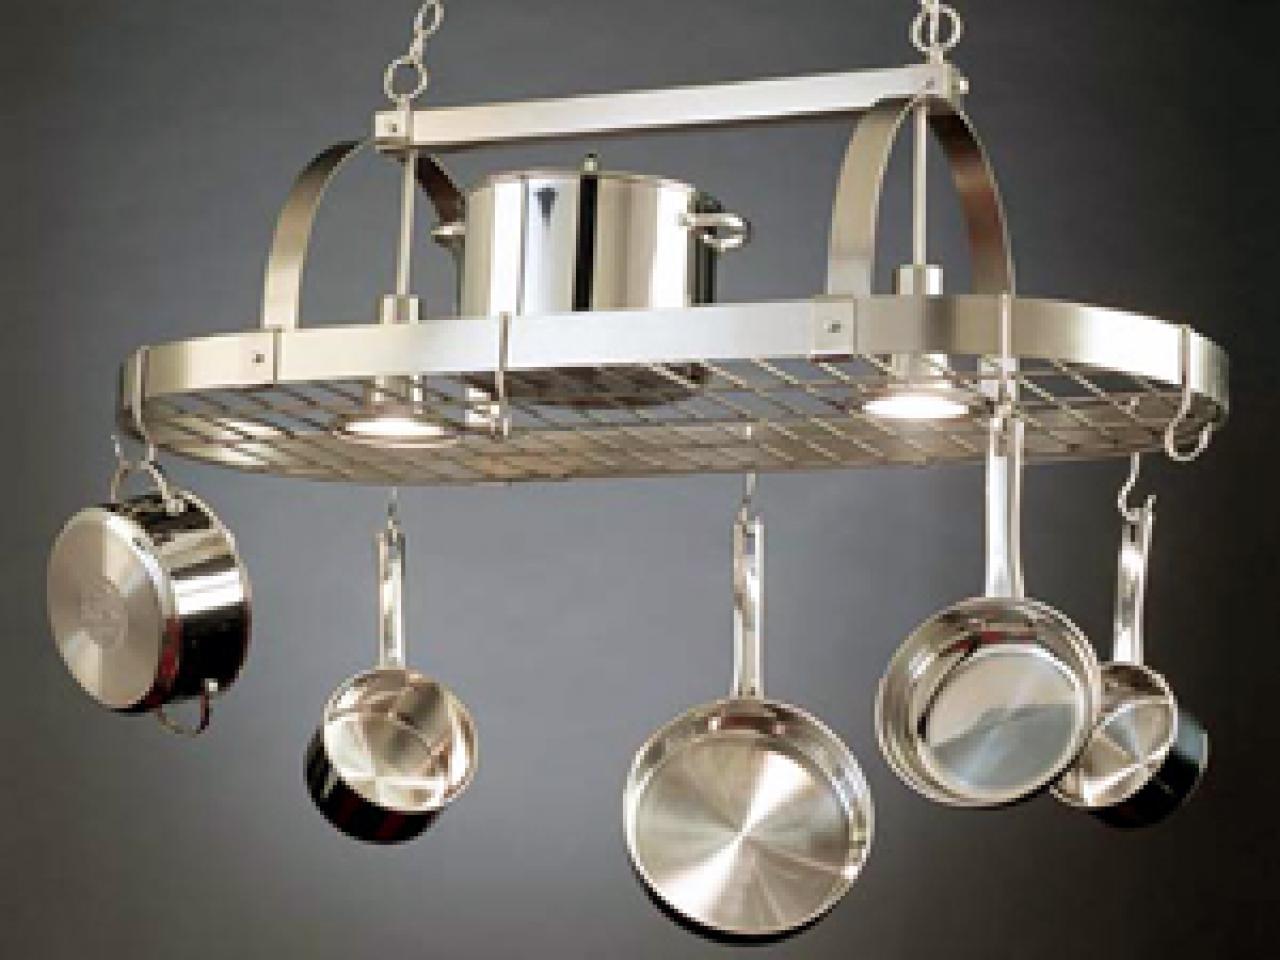 A Pot Rack in Its Proper Place | DIY